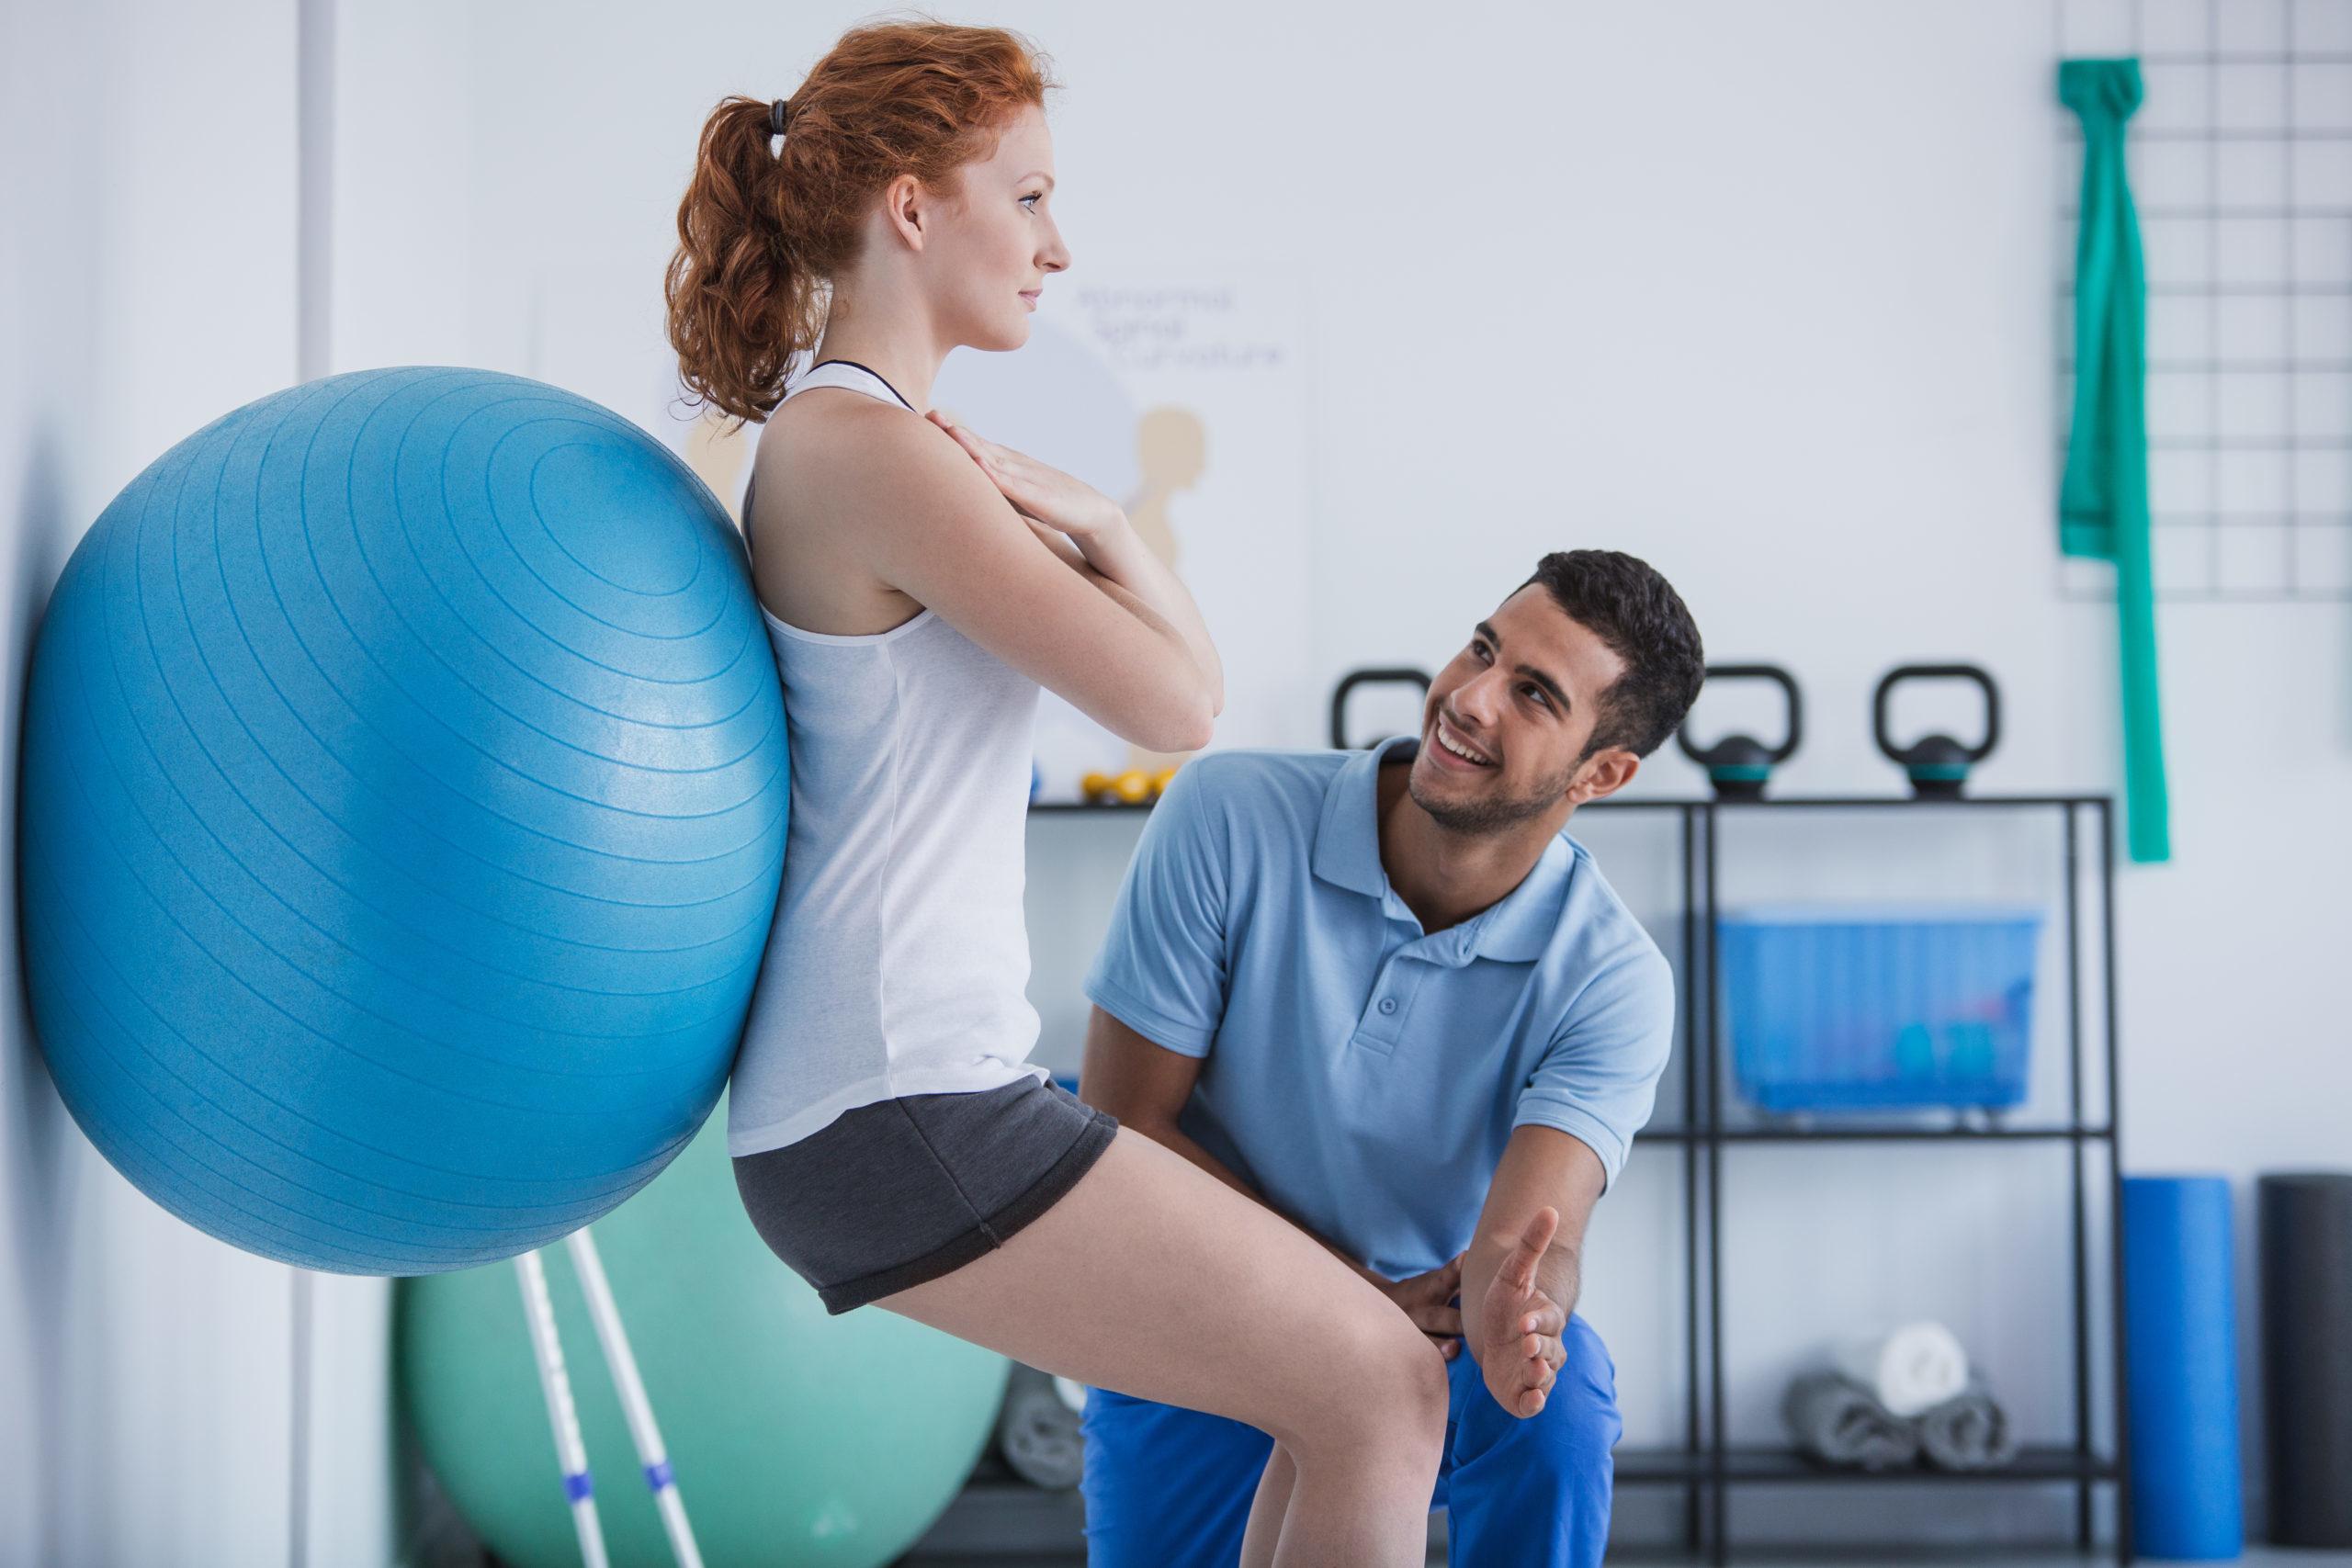 Ćwiczenia z piłkami idealne na ból kręgosłupa